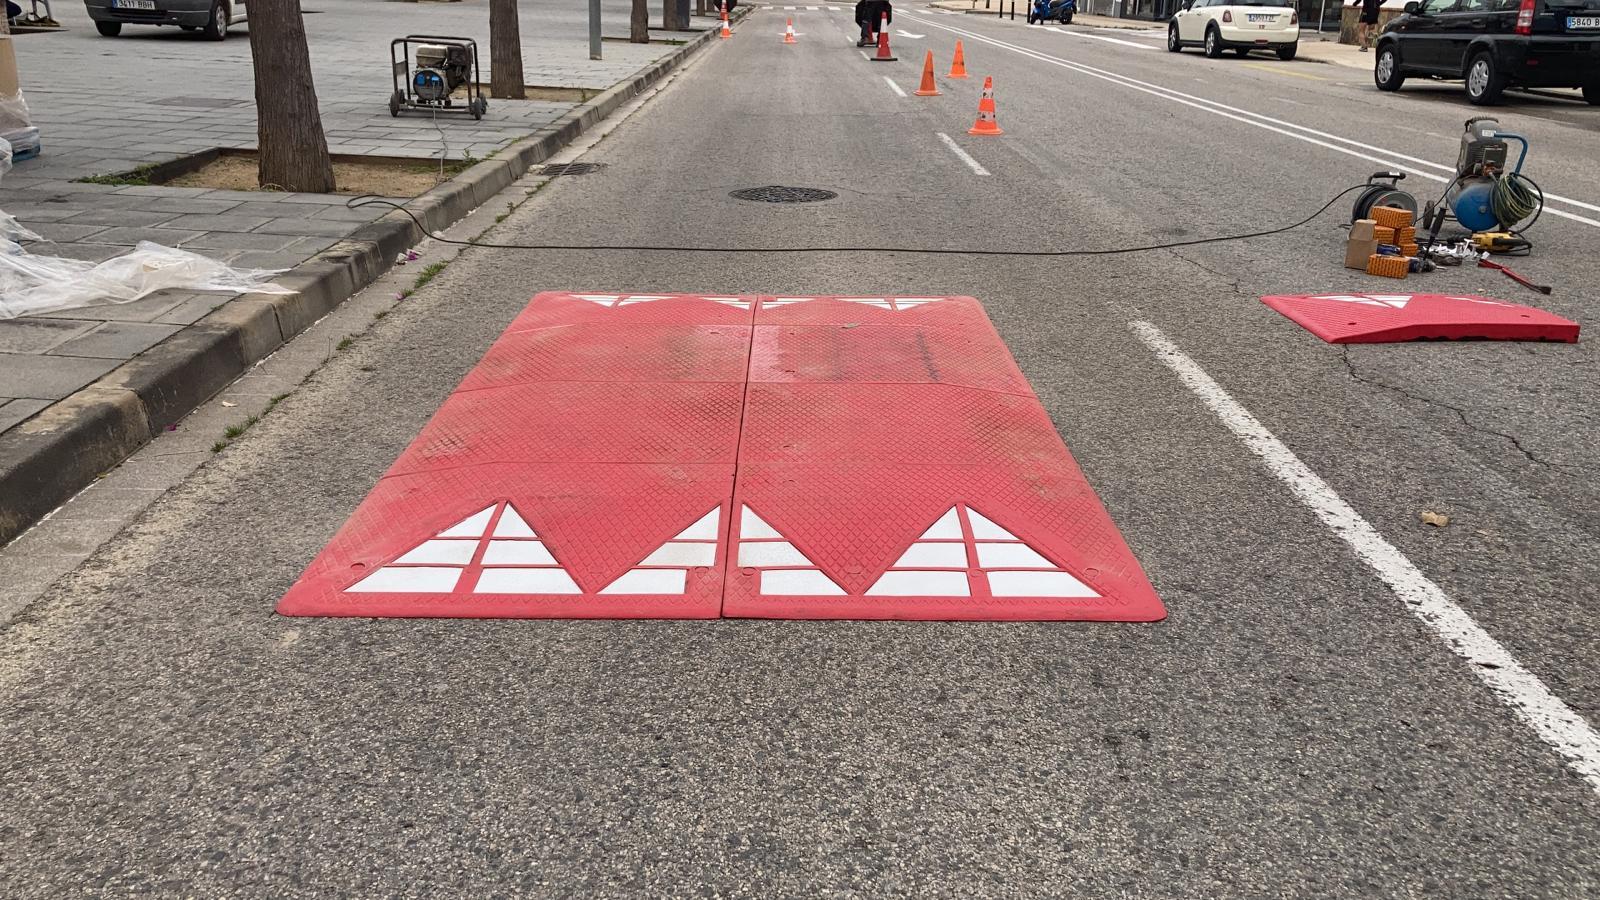 Nous reductors de velocitat a l'avinguda de Rhode per millorar la seguretat